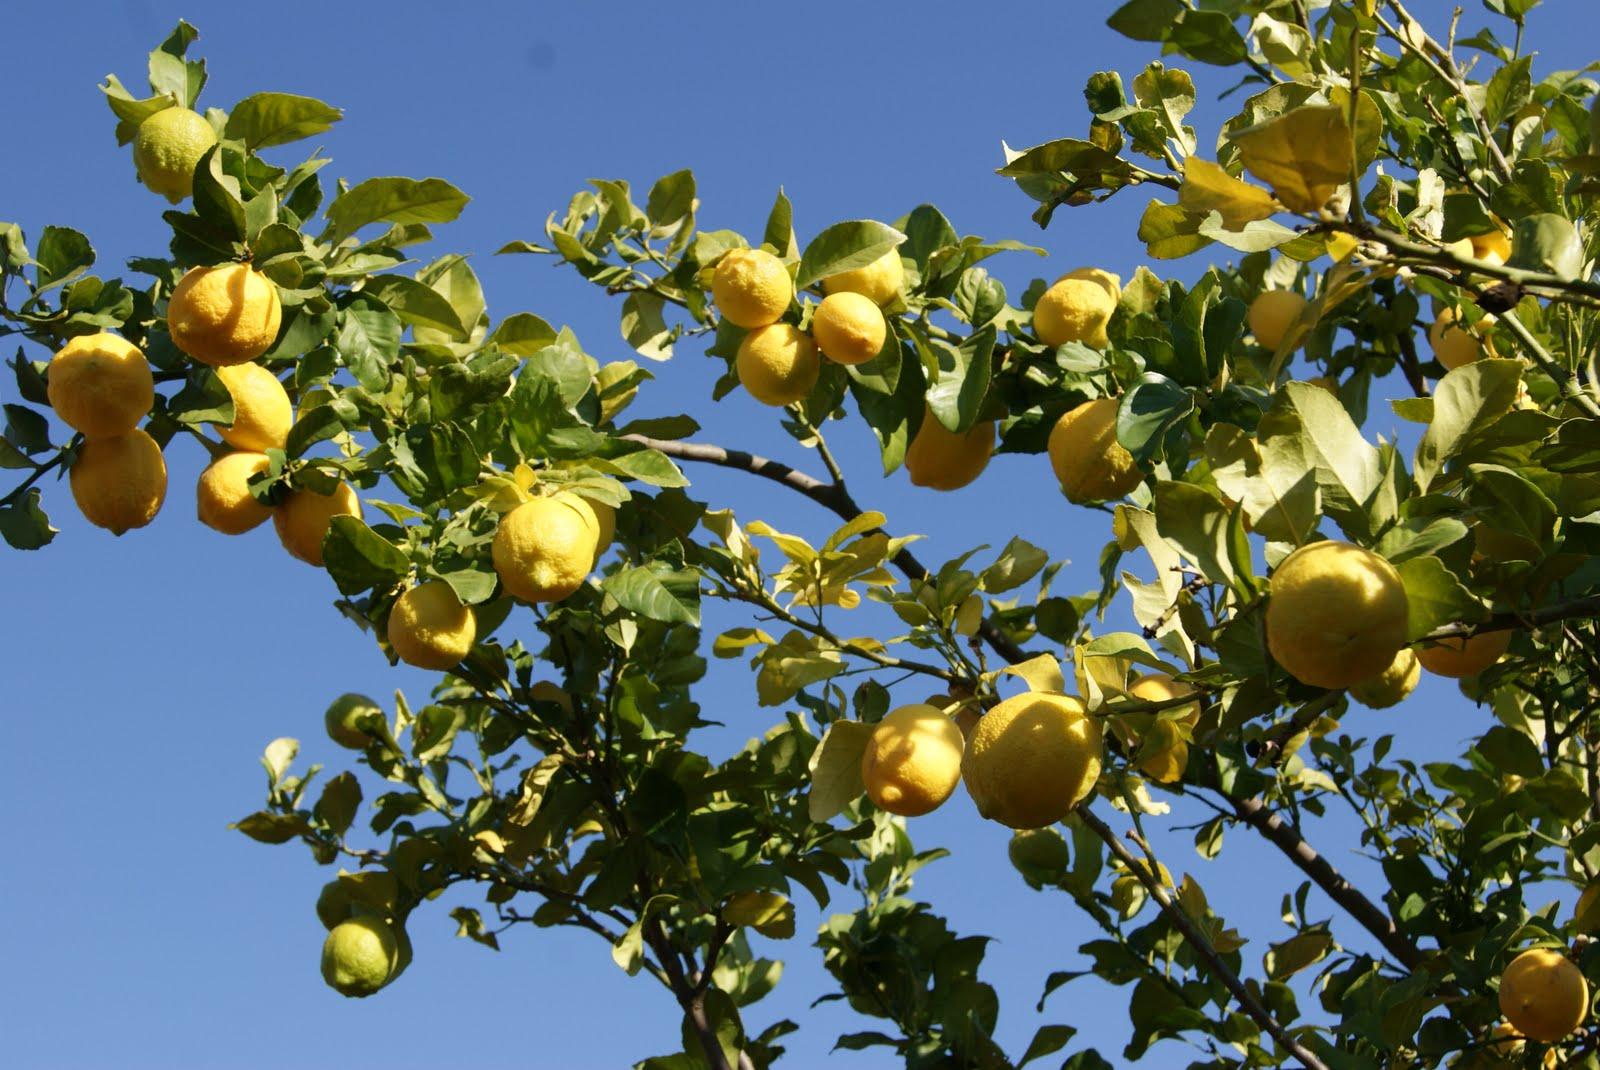 amarula-fruit-afrique-du-sud-decouverte